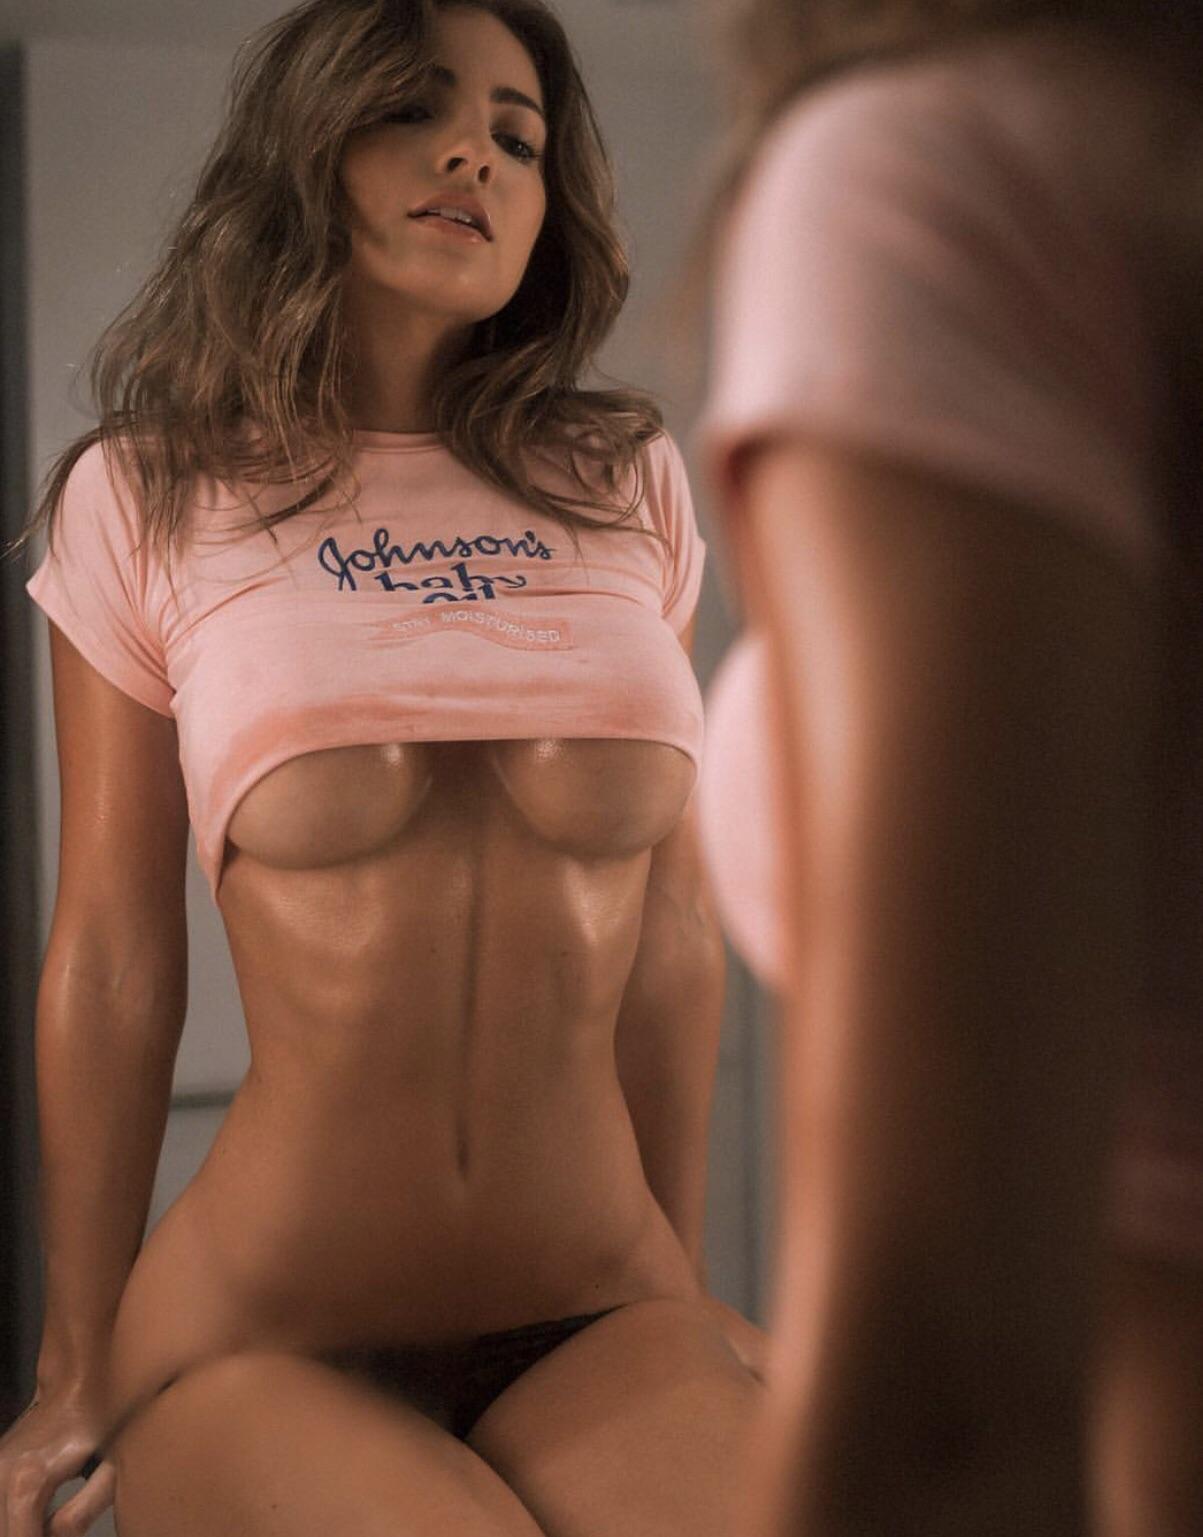 Not Quite Naked, But Fit & Hot AF